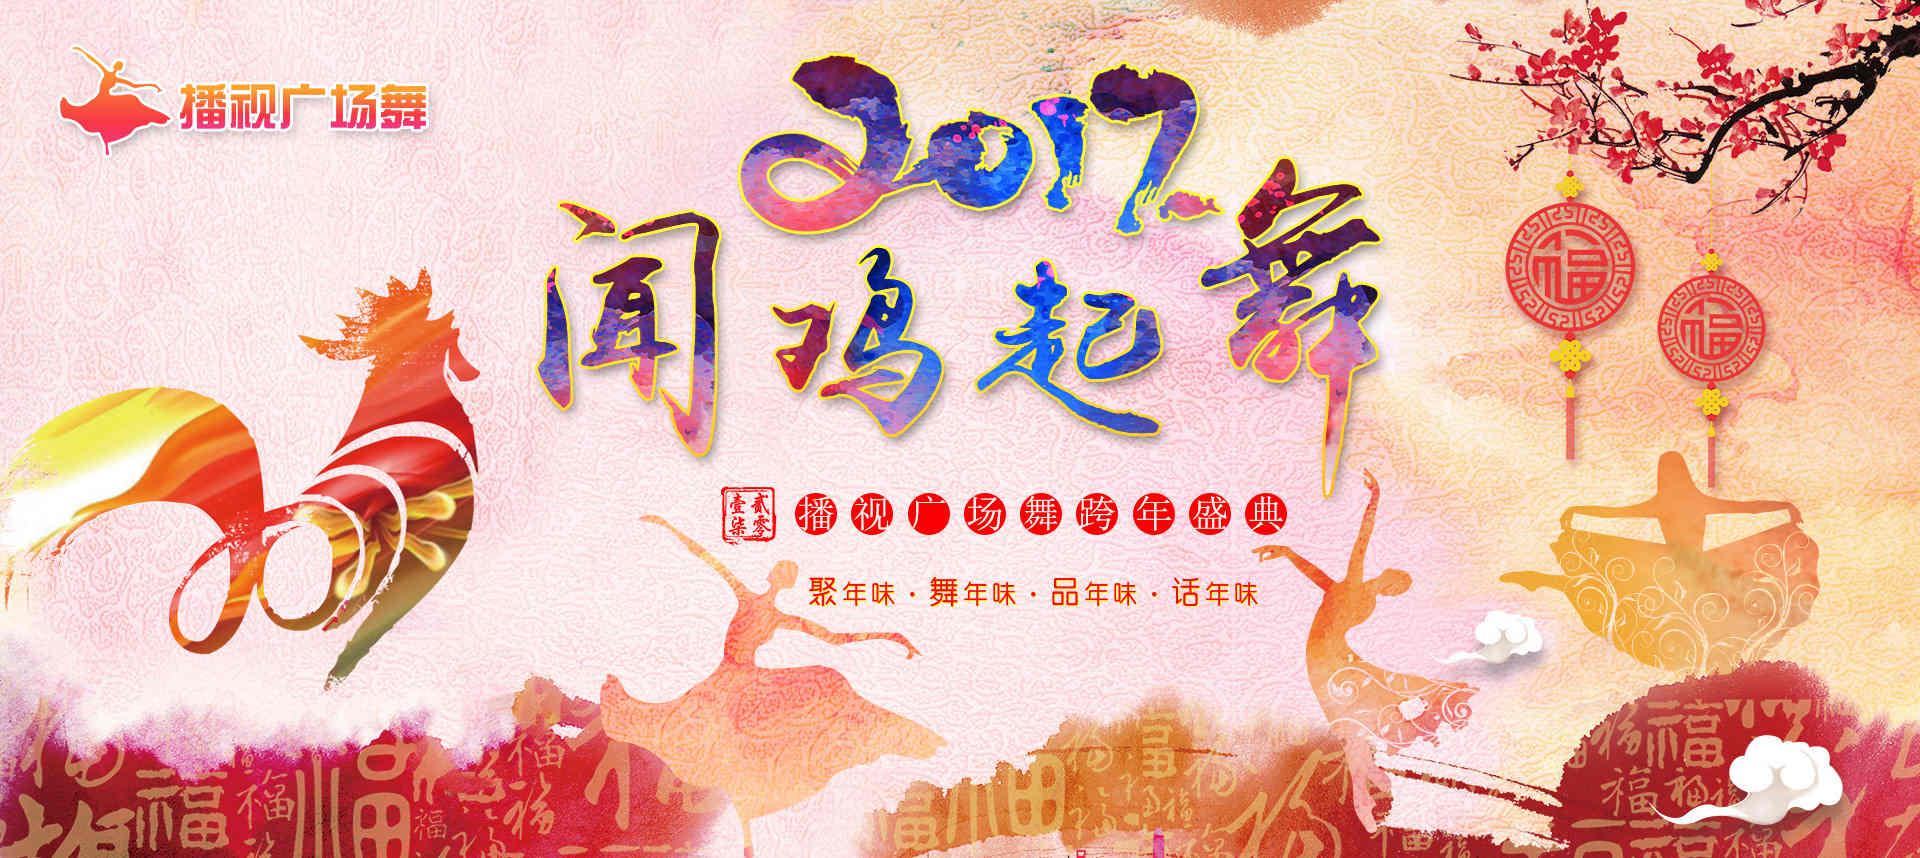 闻鸡起舞,迎新纳福----2017年播视广场舞跨年盛典即将启动